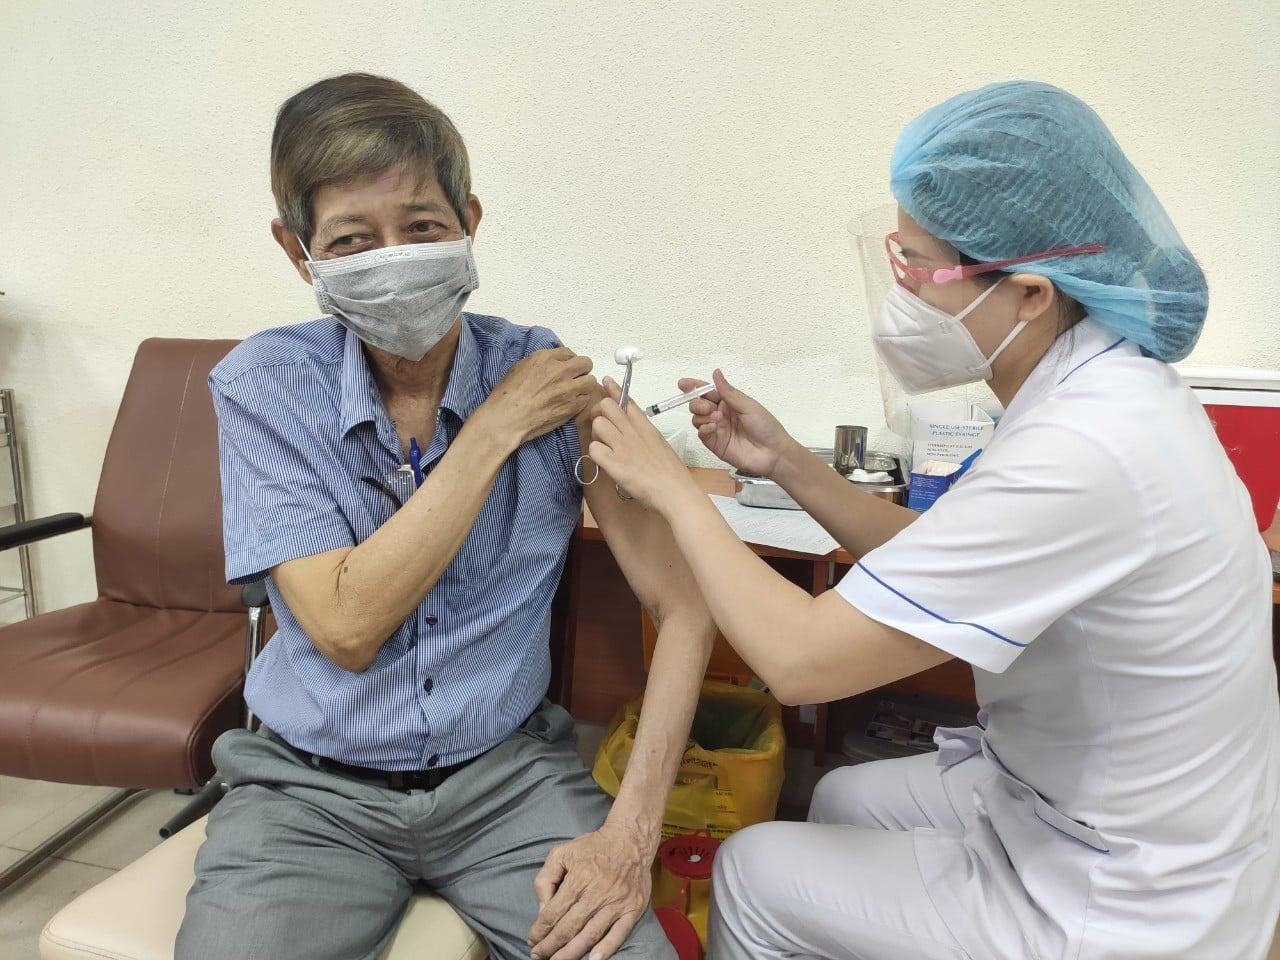 TP.HCM tăng lên 1.000 bàn tiêm vắc xin Covid-19, mỗi bàn tiêm ít nhất 300 người/ngày - ảnh 1